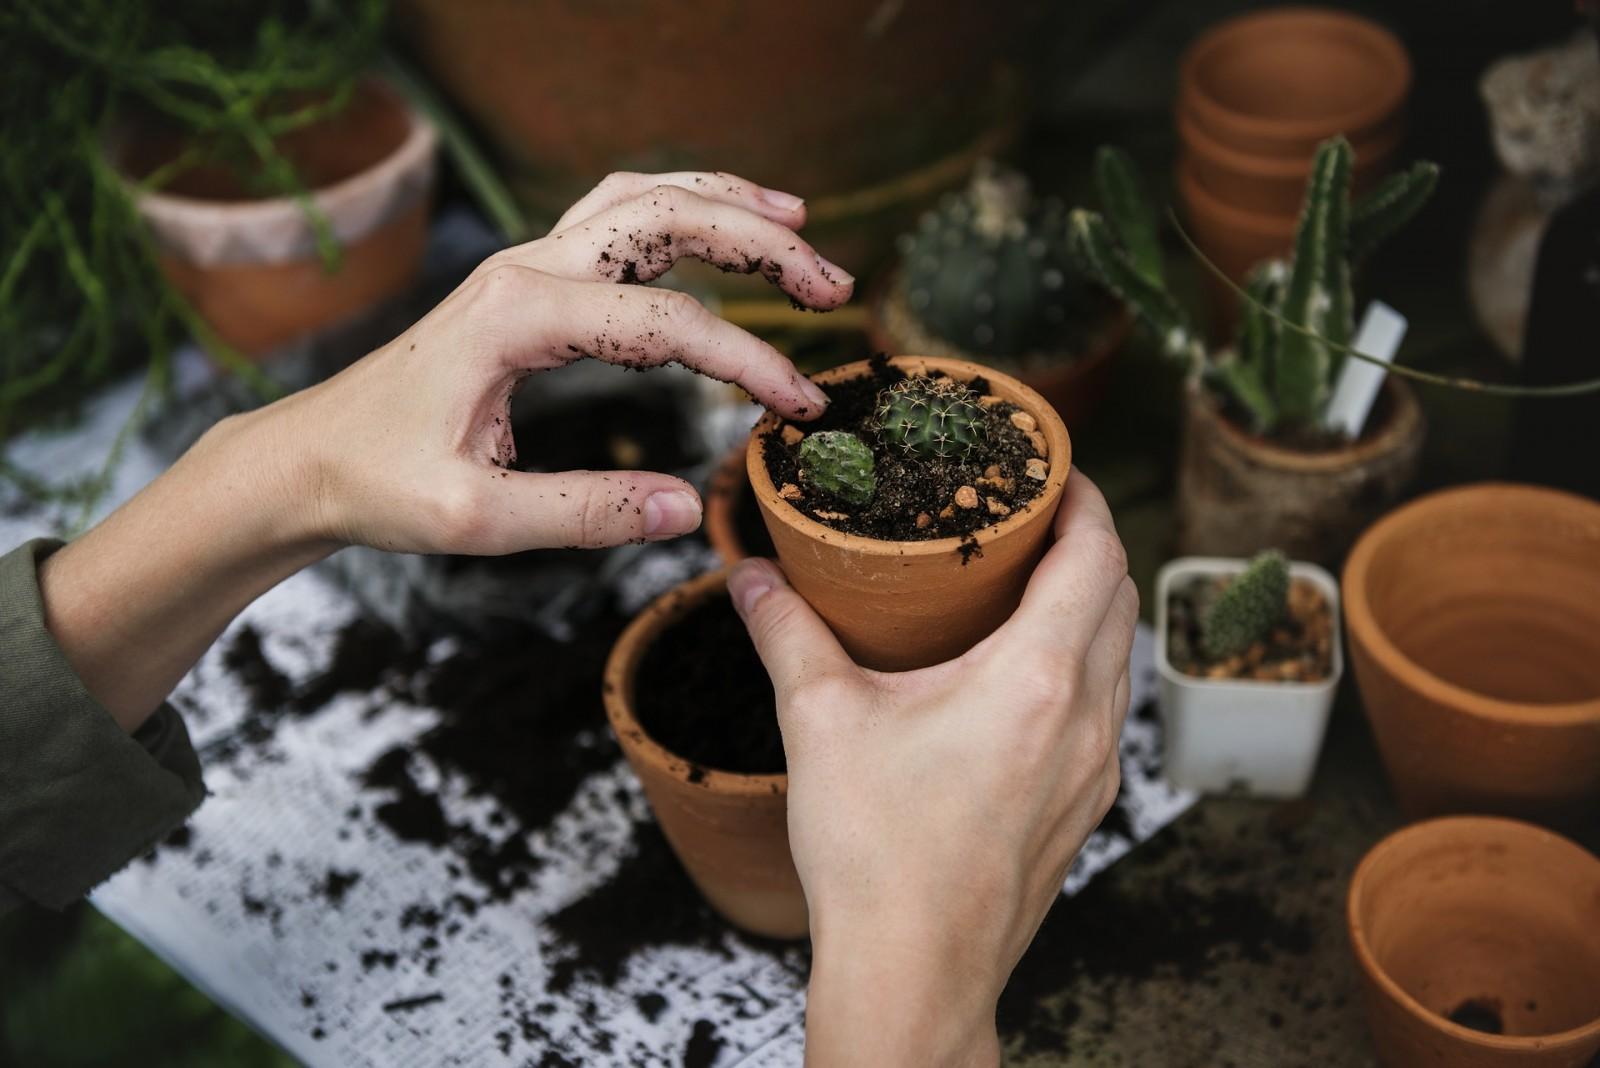 Grad Dubrovnik podržao akciju Dani kolektivne sadnje drveća - zasadi drvo ne budi panj